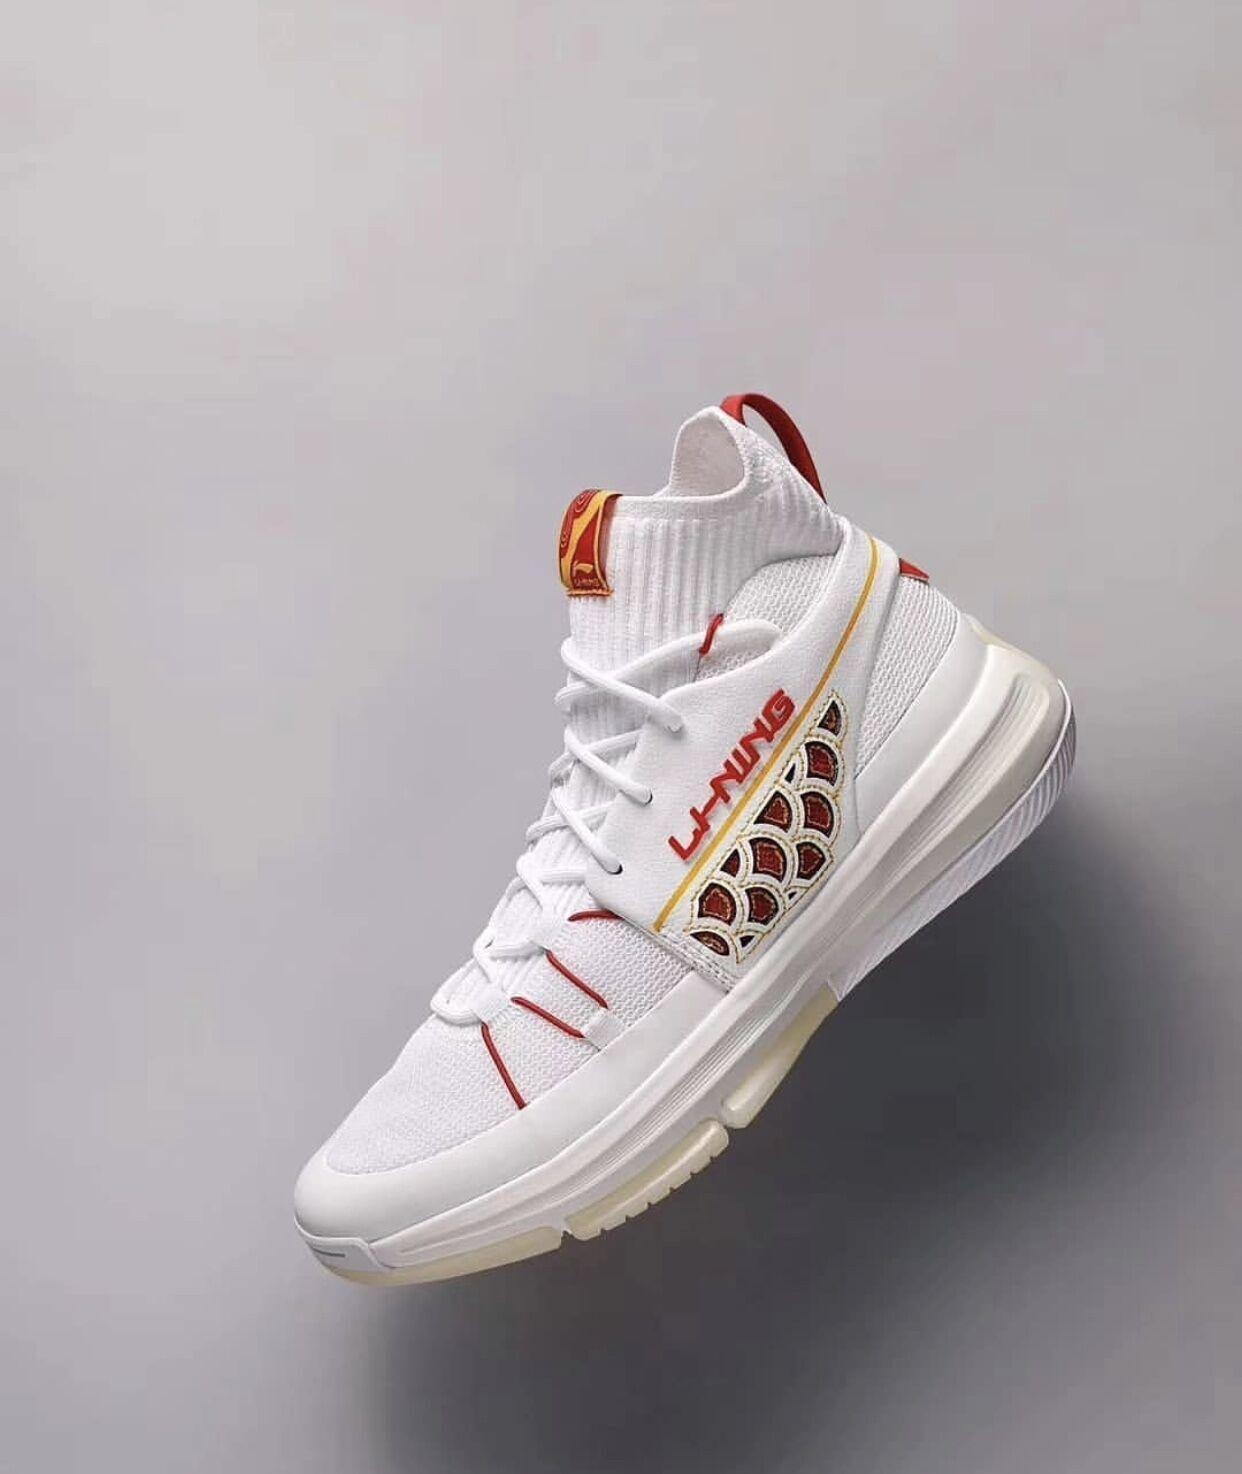 李宁正品夏季新款男篮球鞋元年937龙鳞灭霸联名高帮运动鞋ABPP035